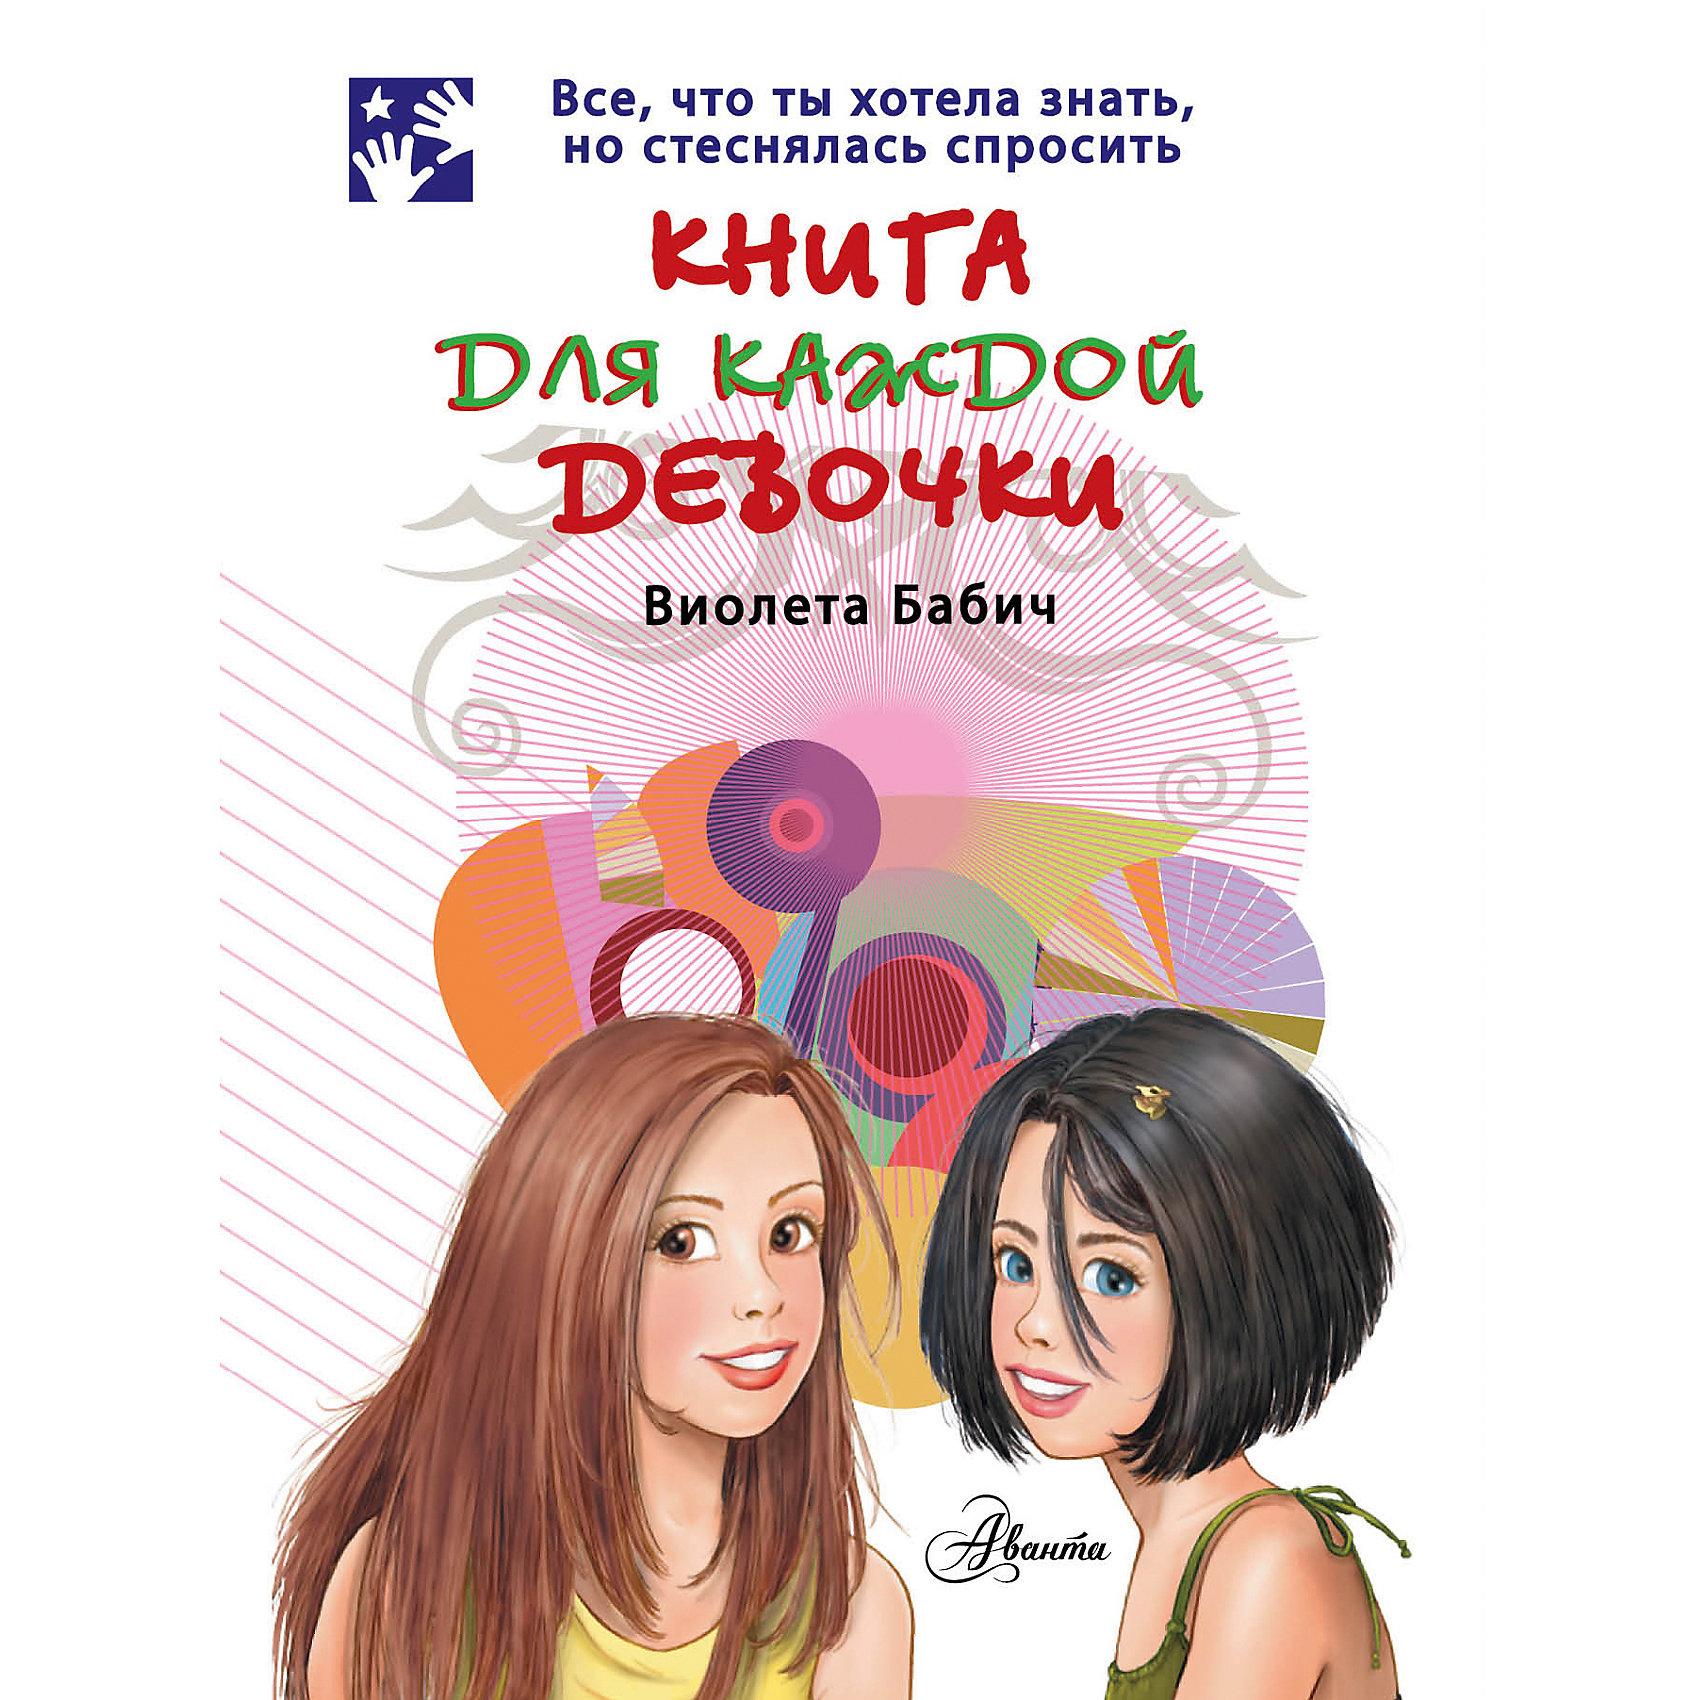 Книга для каждой девочки, Виолета БабичИздательство АСТ<br>Кто из нас, девочек, не мечтает быть самой-самой?<br>Конечно, любая хочет быть обаятельной и привлекательной в глазах окружающих, особенно мальчиков.<br>Наша книга научит тебя всем тонкостям макияжа, моды, уходу за лицом и телом.<br>Читай - и откроешь для себя все секреты красоты!<br>Для детей среднего школьного возраста.<br><br>Ширина мм: 210<br>Глубина мм: 162<br>Высота мм: 90<br>Вес г: 245<br>Возраст от месяцев: 84<br>Возраст до месяцев: 2147483647<br>Пол: Унисекс<br>Возраст: Детский<br>SKU: 6848259